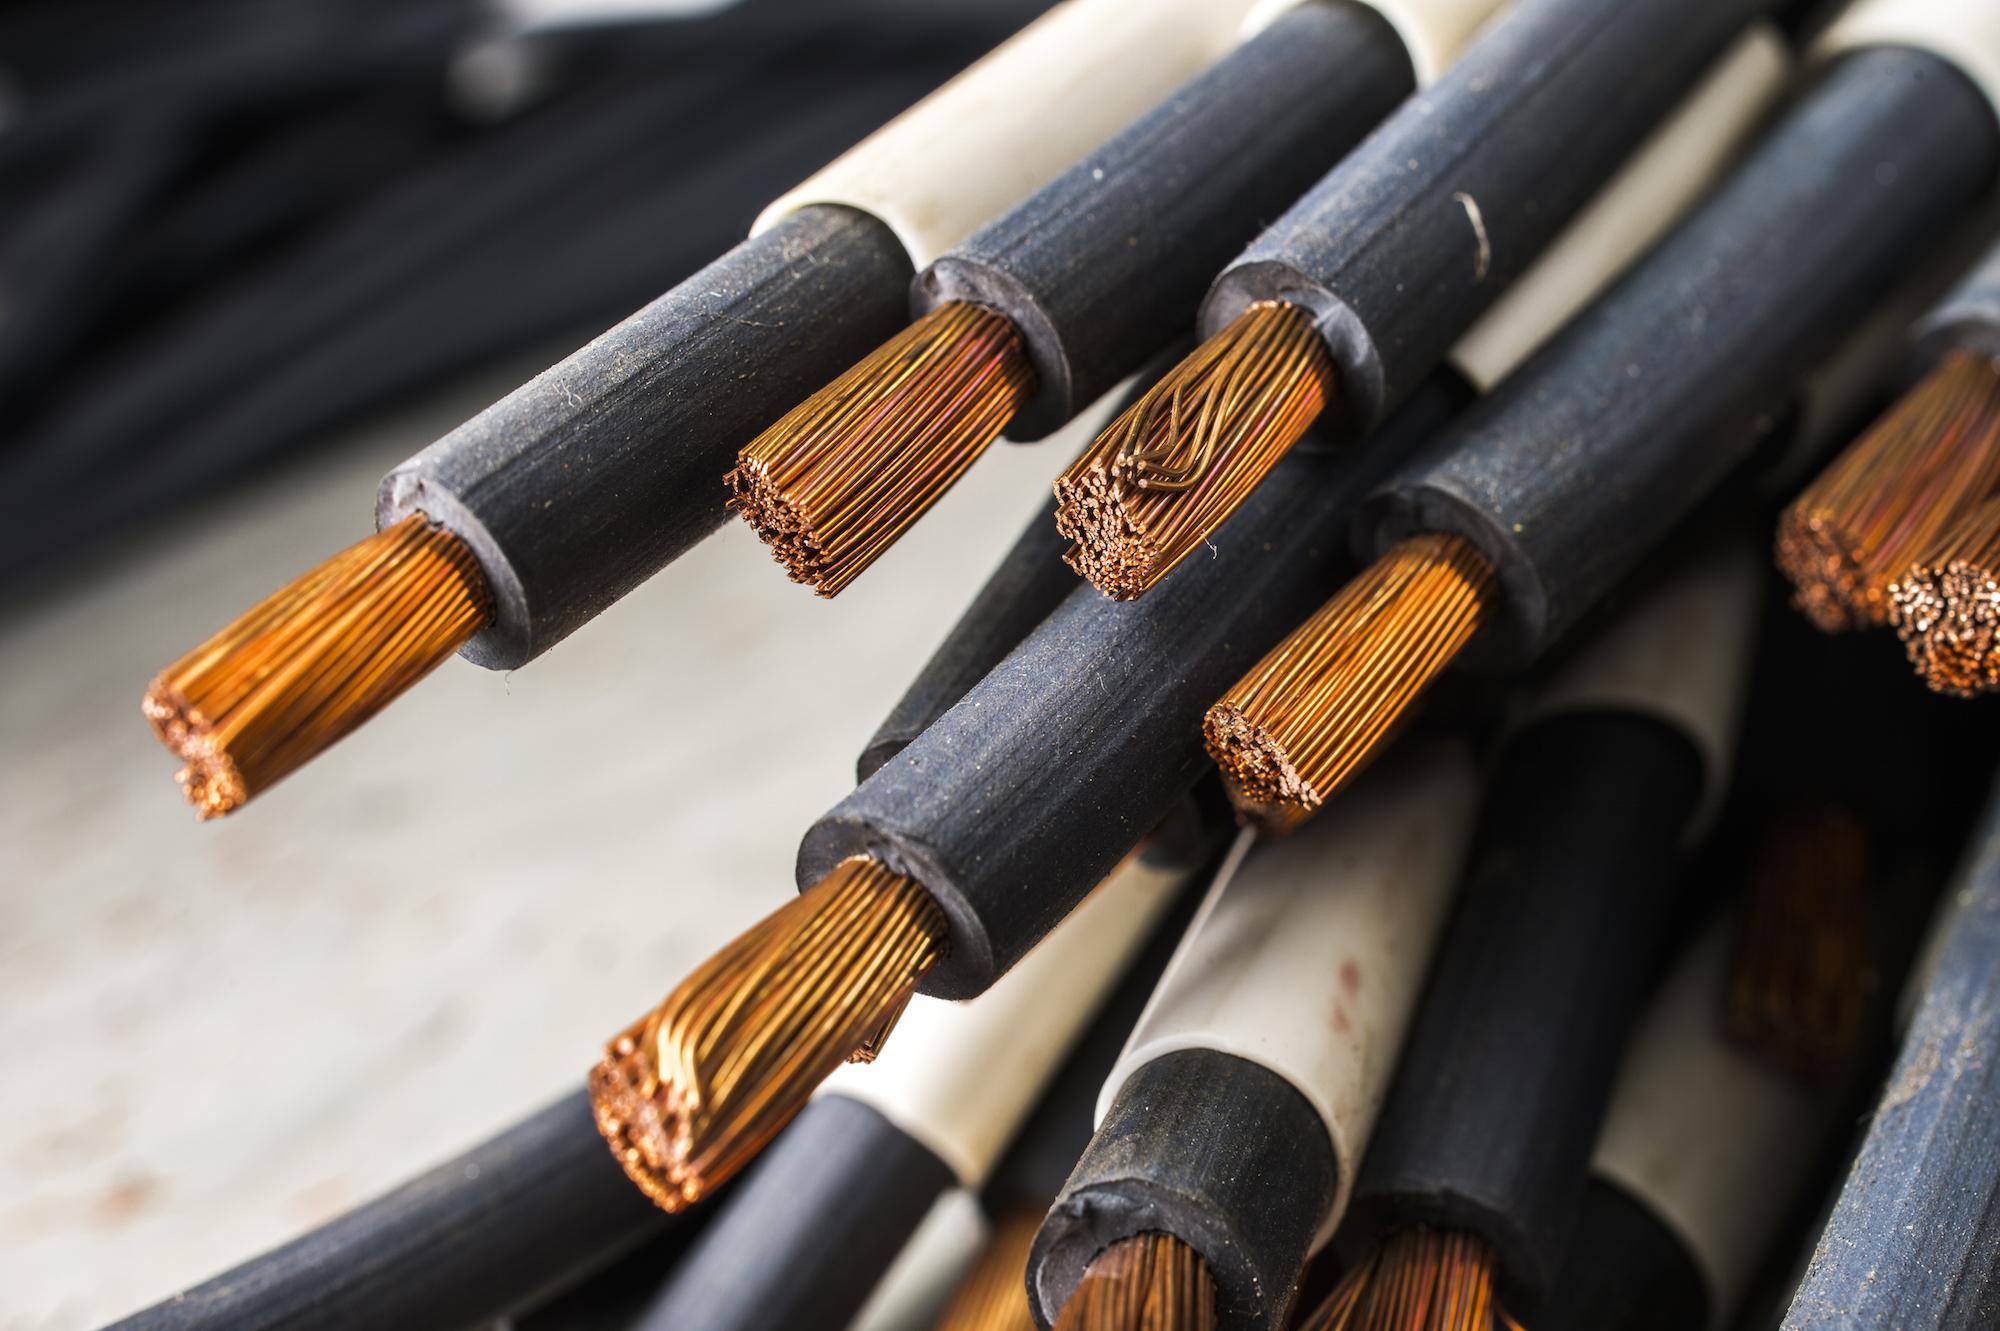 Copper wire theft in Kenora under investigation - TBNewsWatch.com